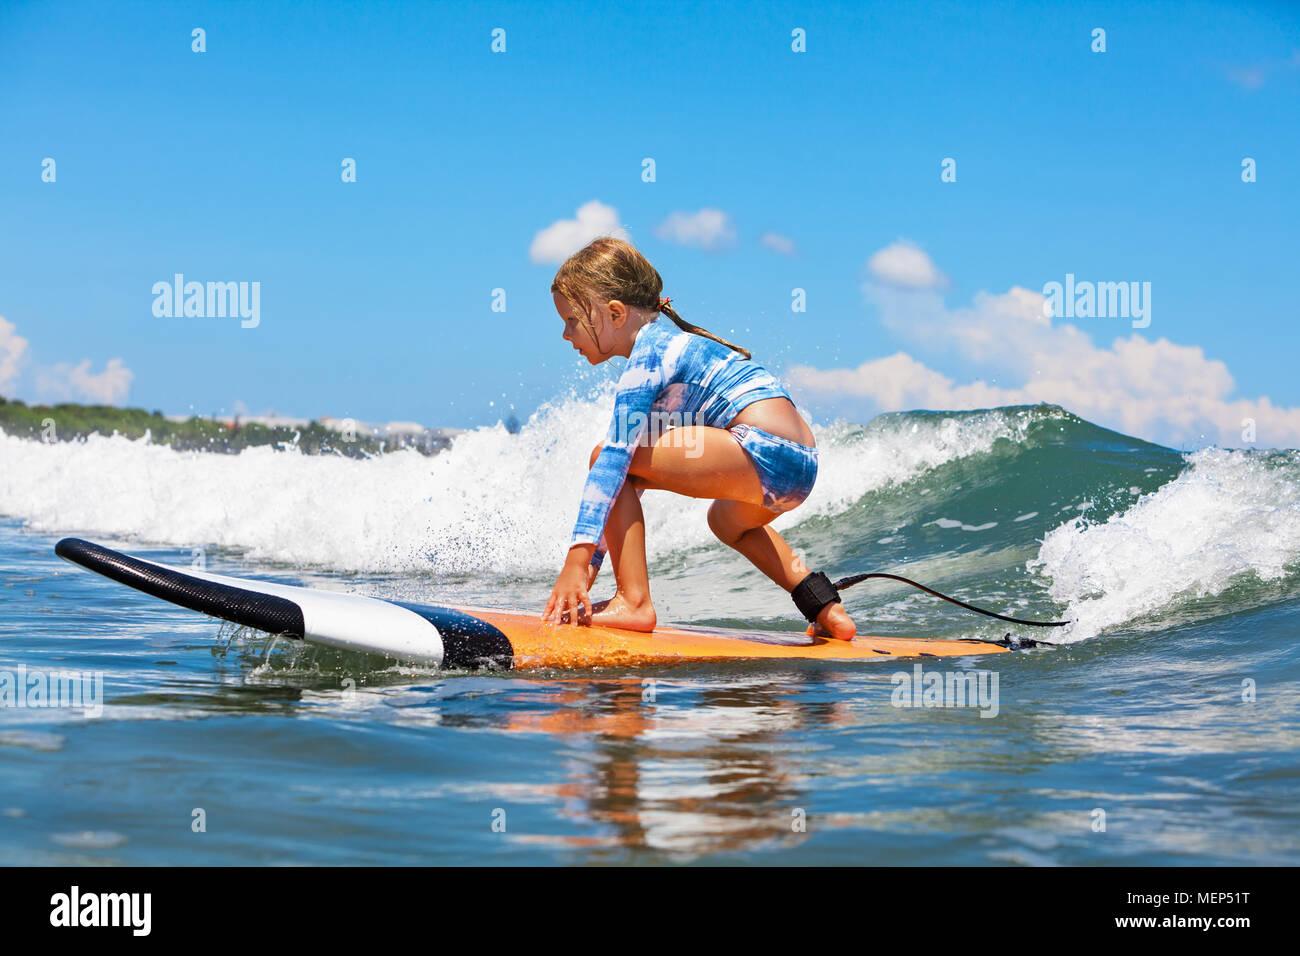 Happy Baby Mädchen. junge Surfer Fahrt auf Surfboard mit Spaß auf Wellen des Meeres. Aktive Familie Lifestyle, Kids im freien Wasser sport Lehren und Schwimmen Aktivität Stockfoto